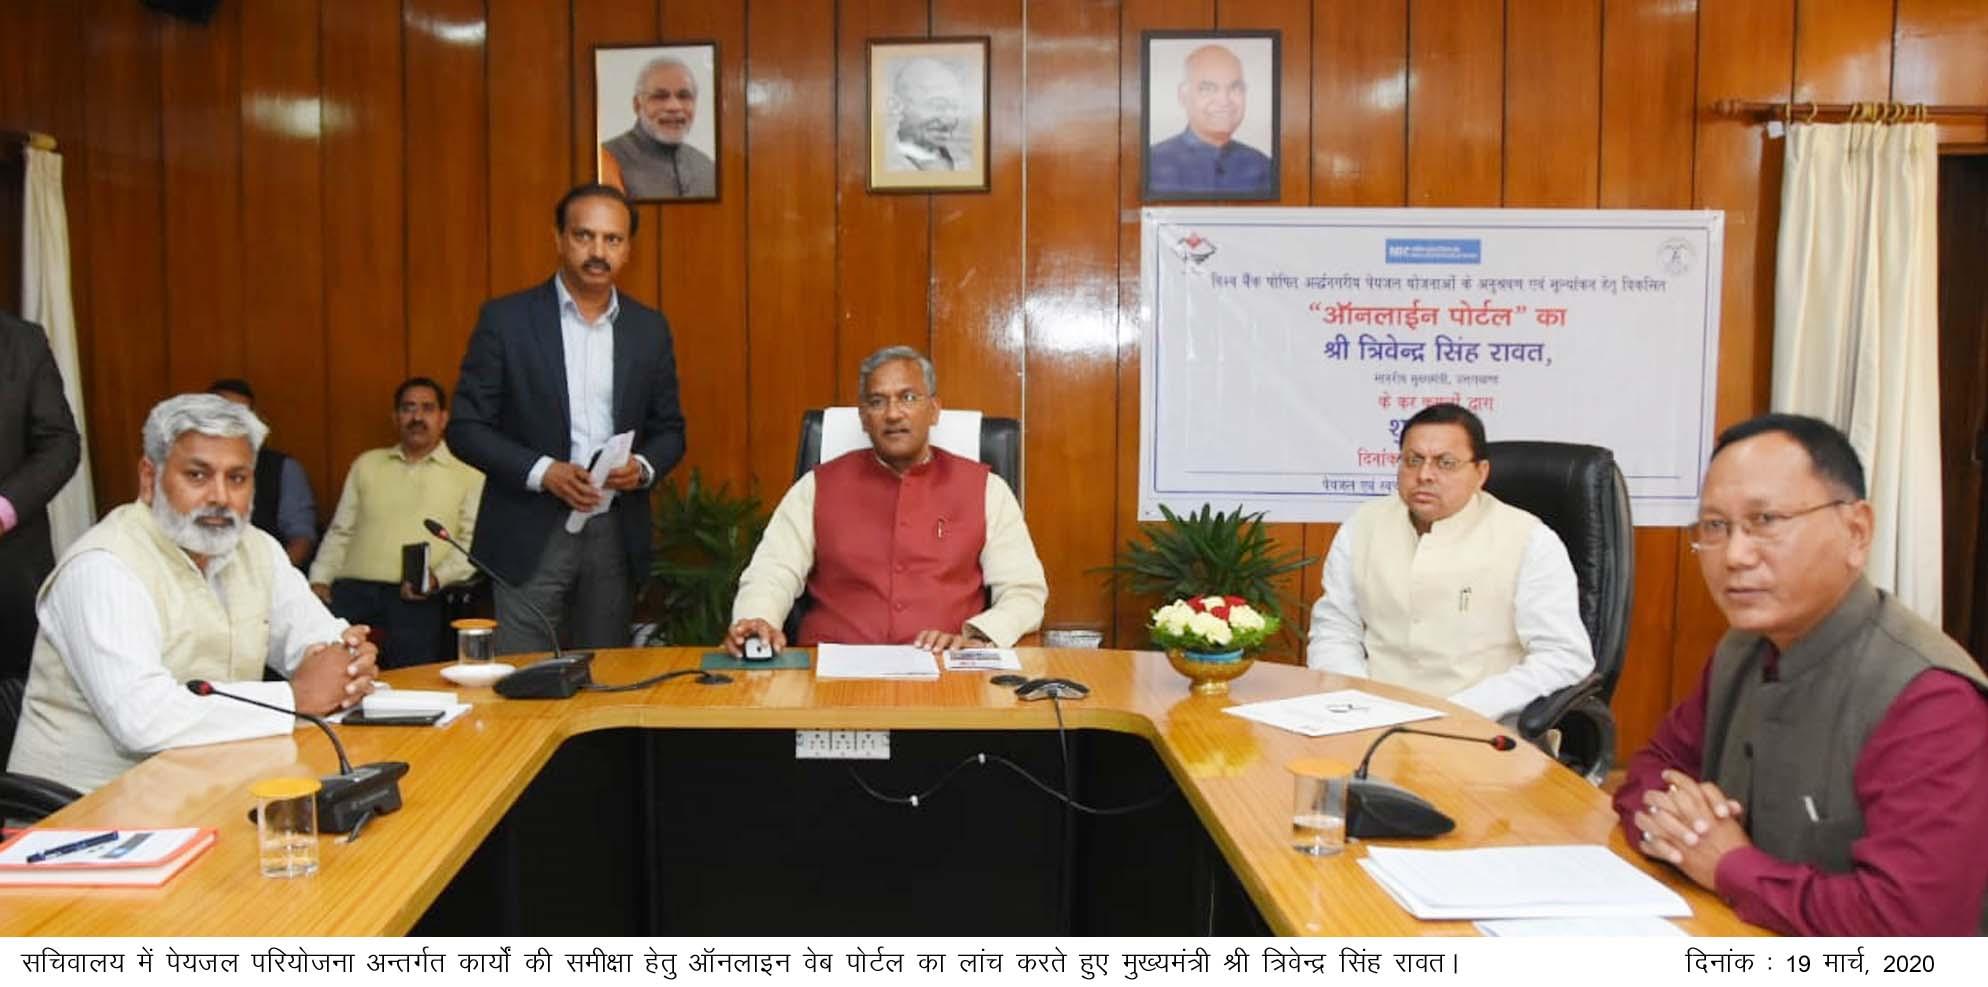 सीएम त्रिवेंद्र रावत ने एनआईसी द्वारा तैयार वेब पोर्टल किया लांच